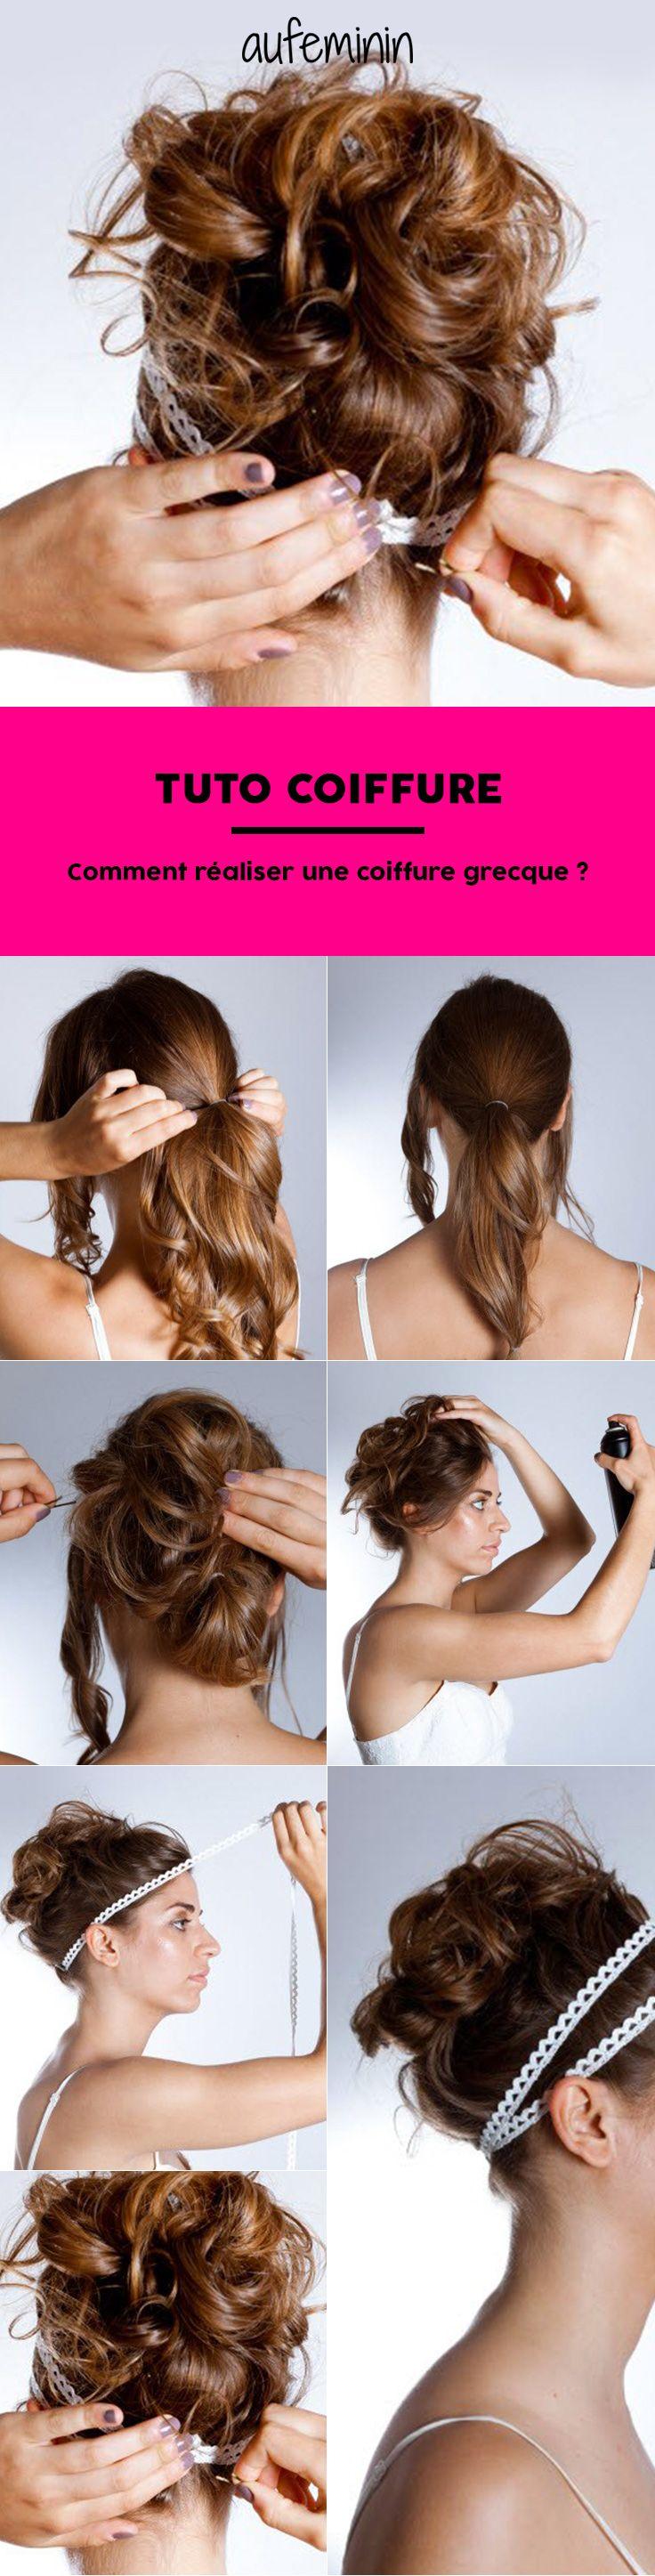 Un tuto coiffure facile à faire pour réaliser une coiffure grecque romantique.